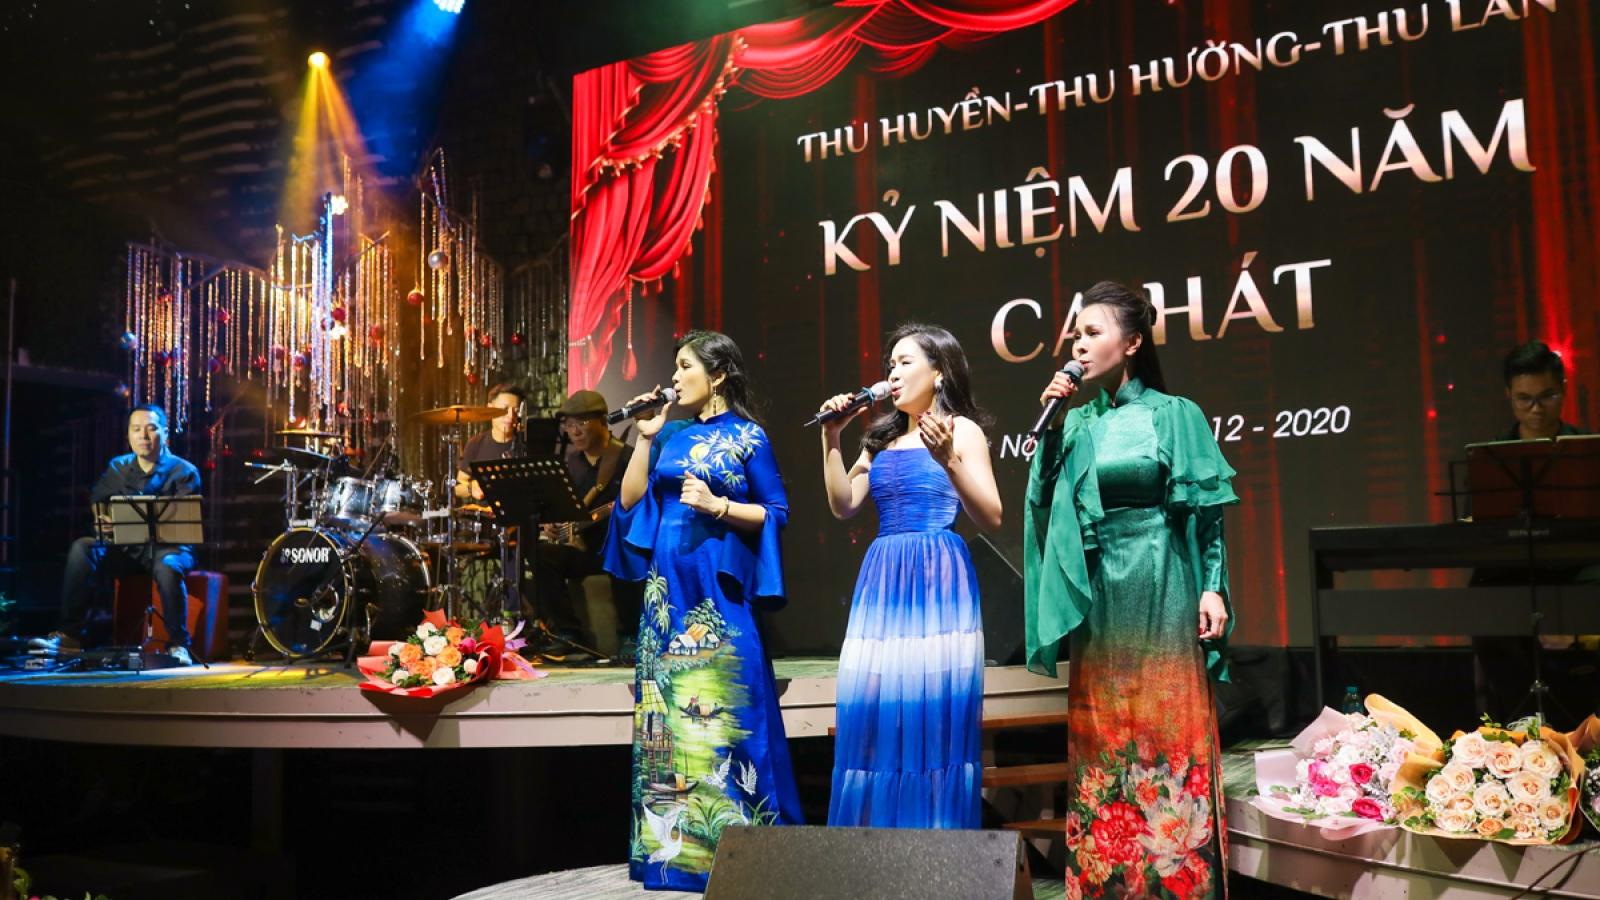 Đêm nhạc kỷ niệm 20 năm ca hát của Thu Huyền, Thu Lan, Thu Hường